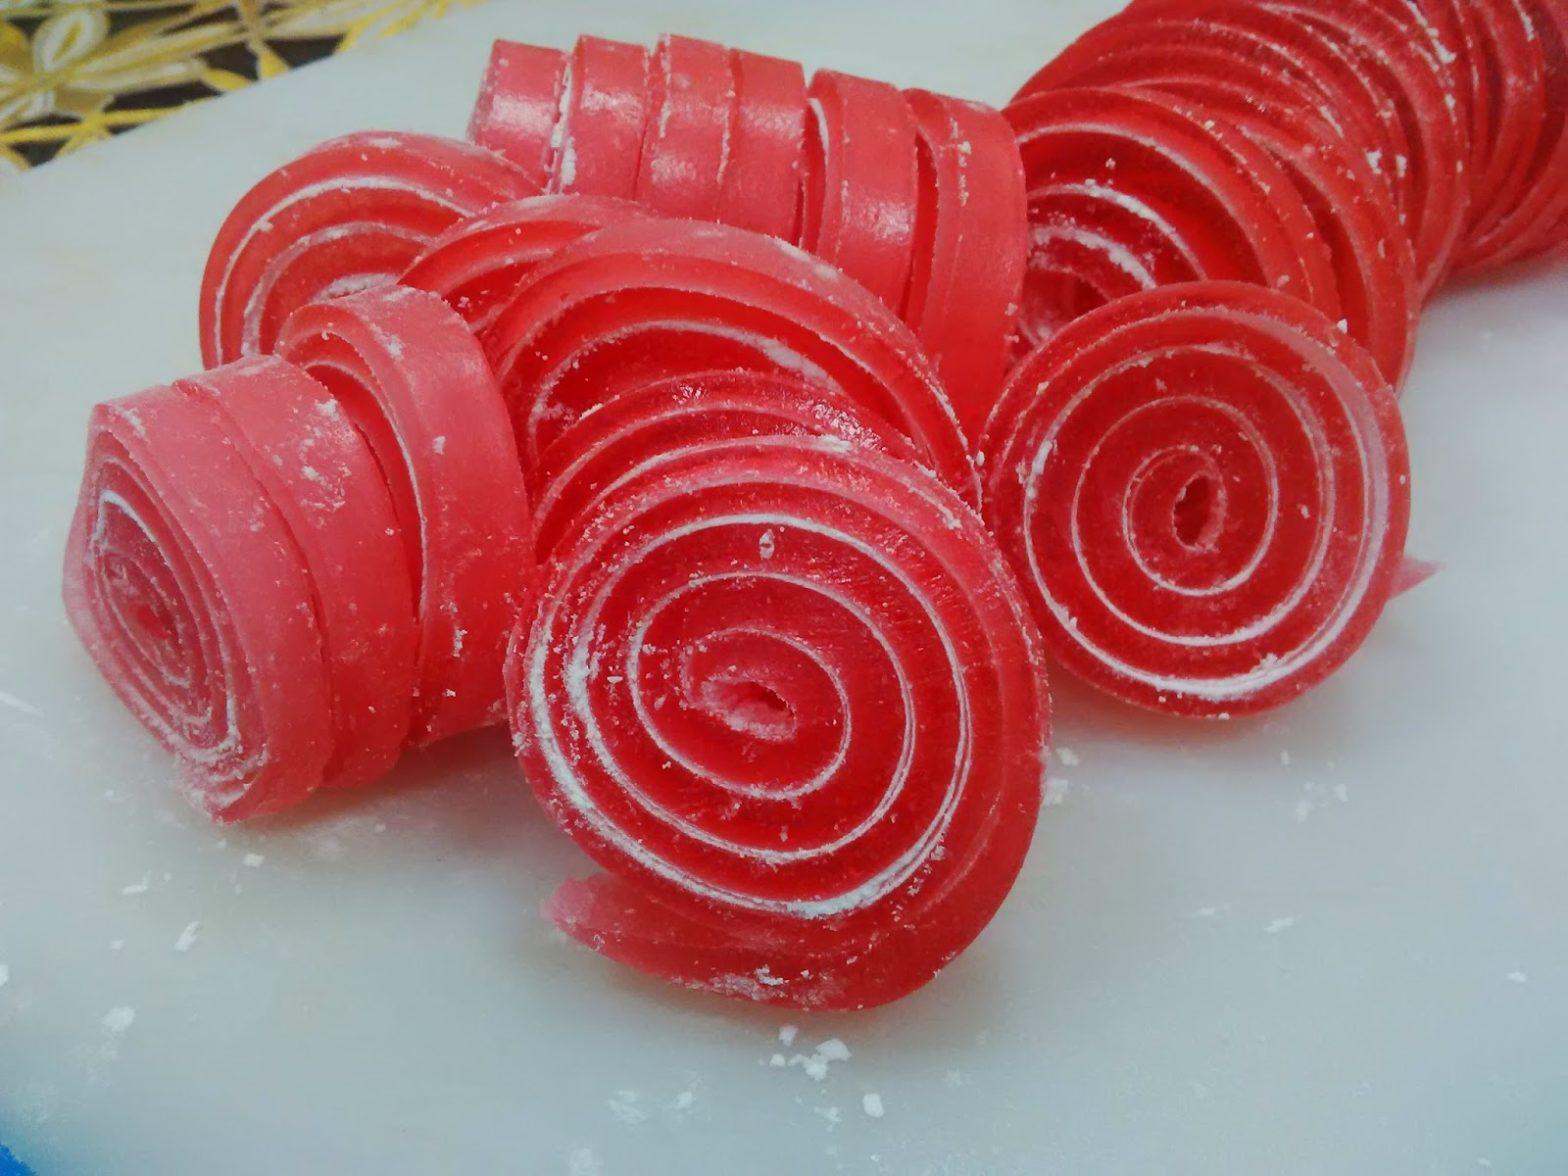 cara membuat permen jelly roll